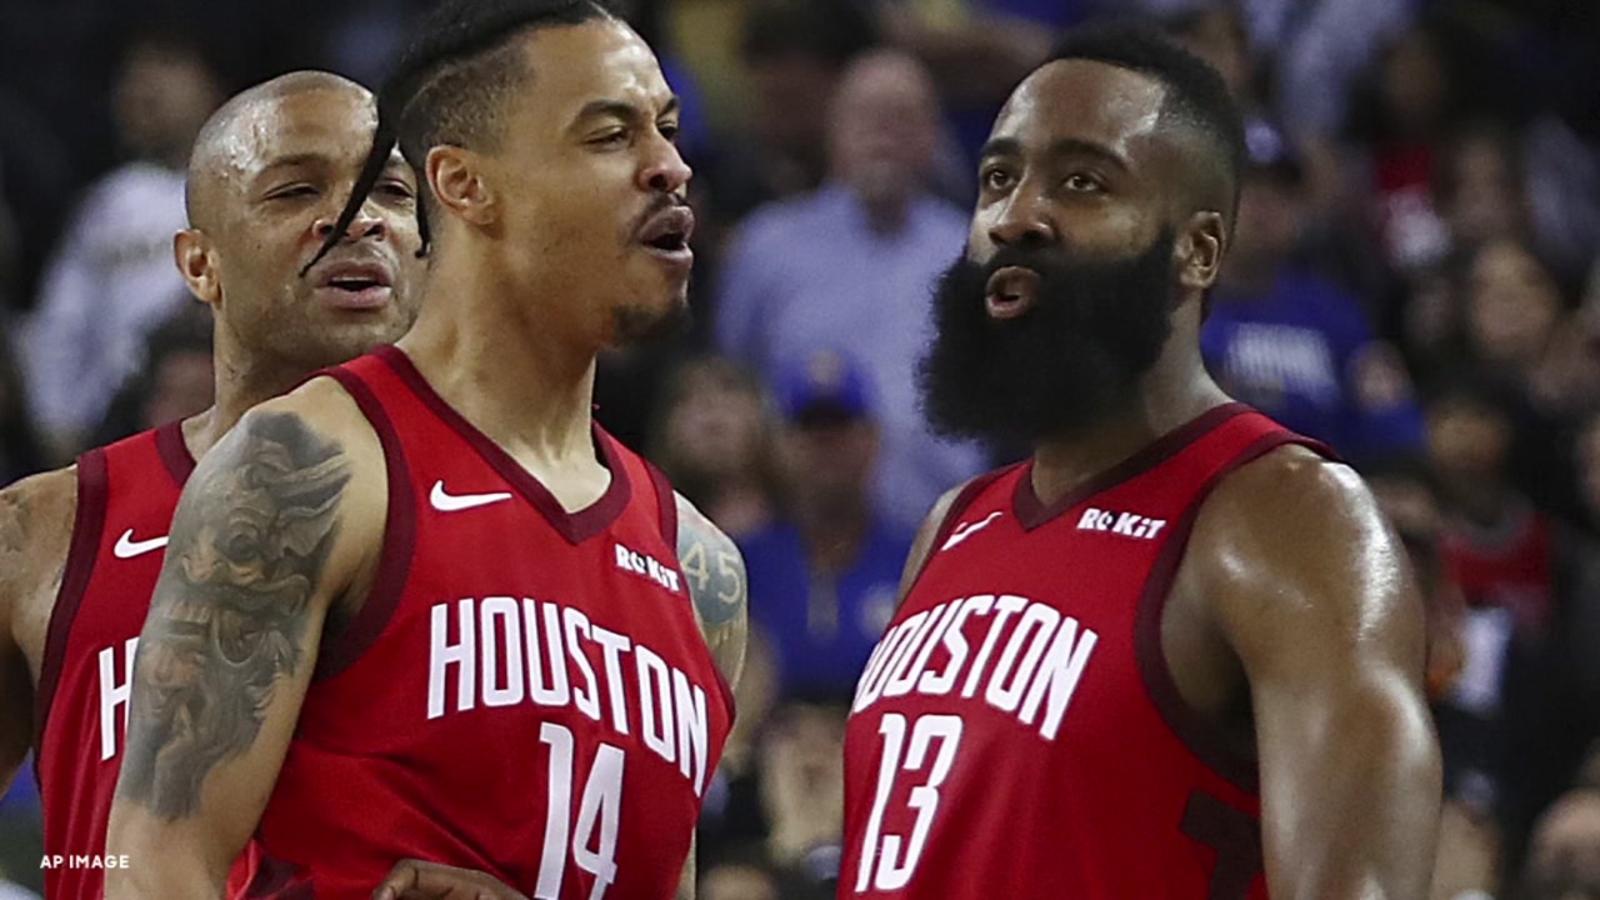 4c9e76e1d7d3 James Harden rallies Rockets in OT to edge Warriors 135-134